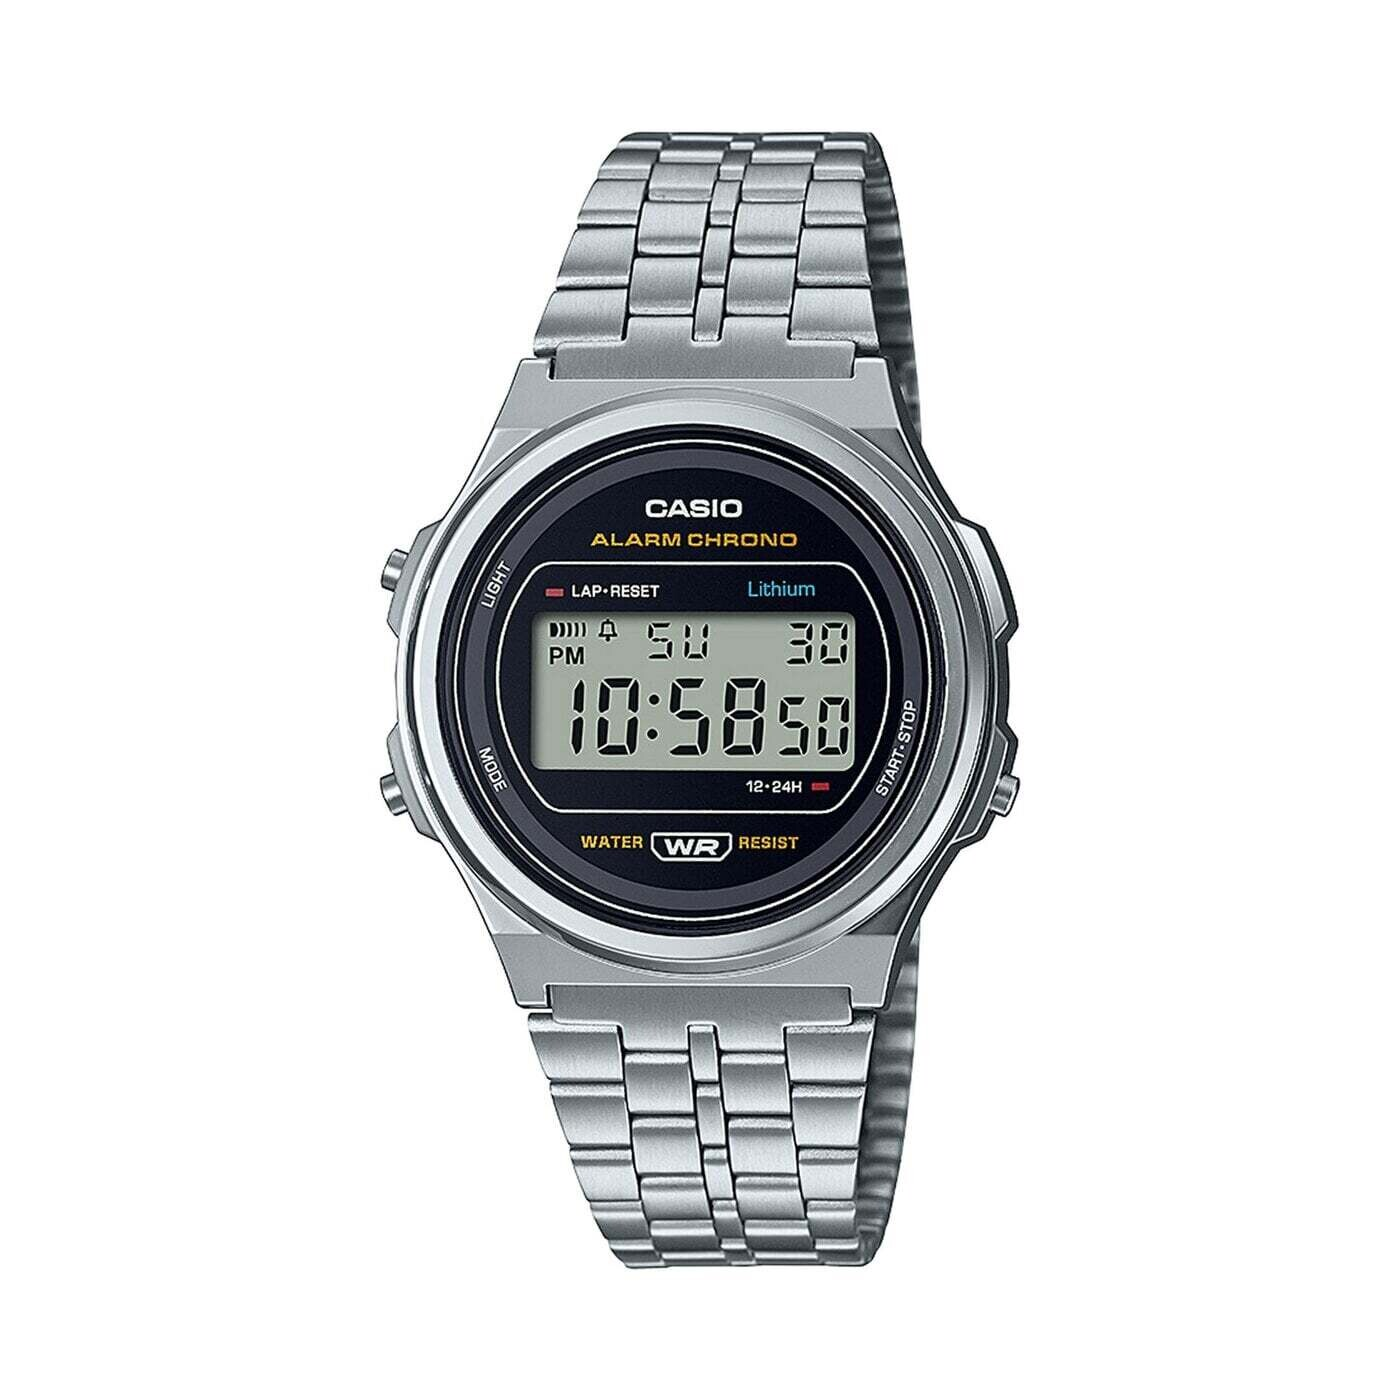 Reloj joven unisex Casio A171WE-1A alarma cronómetro luz correa acero